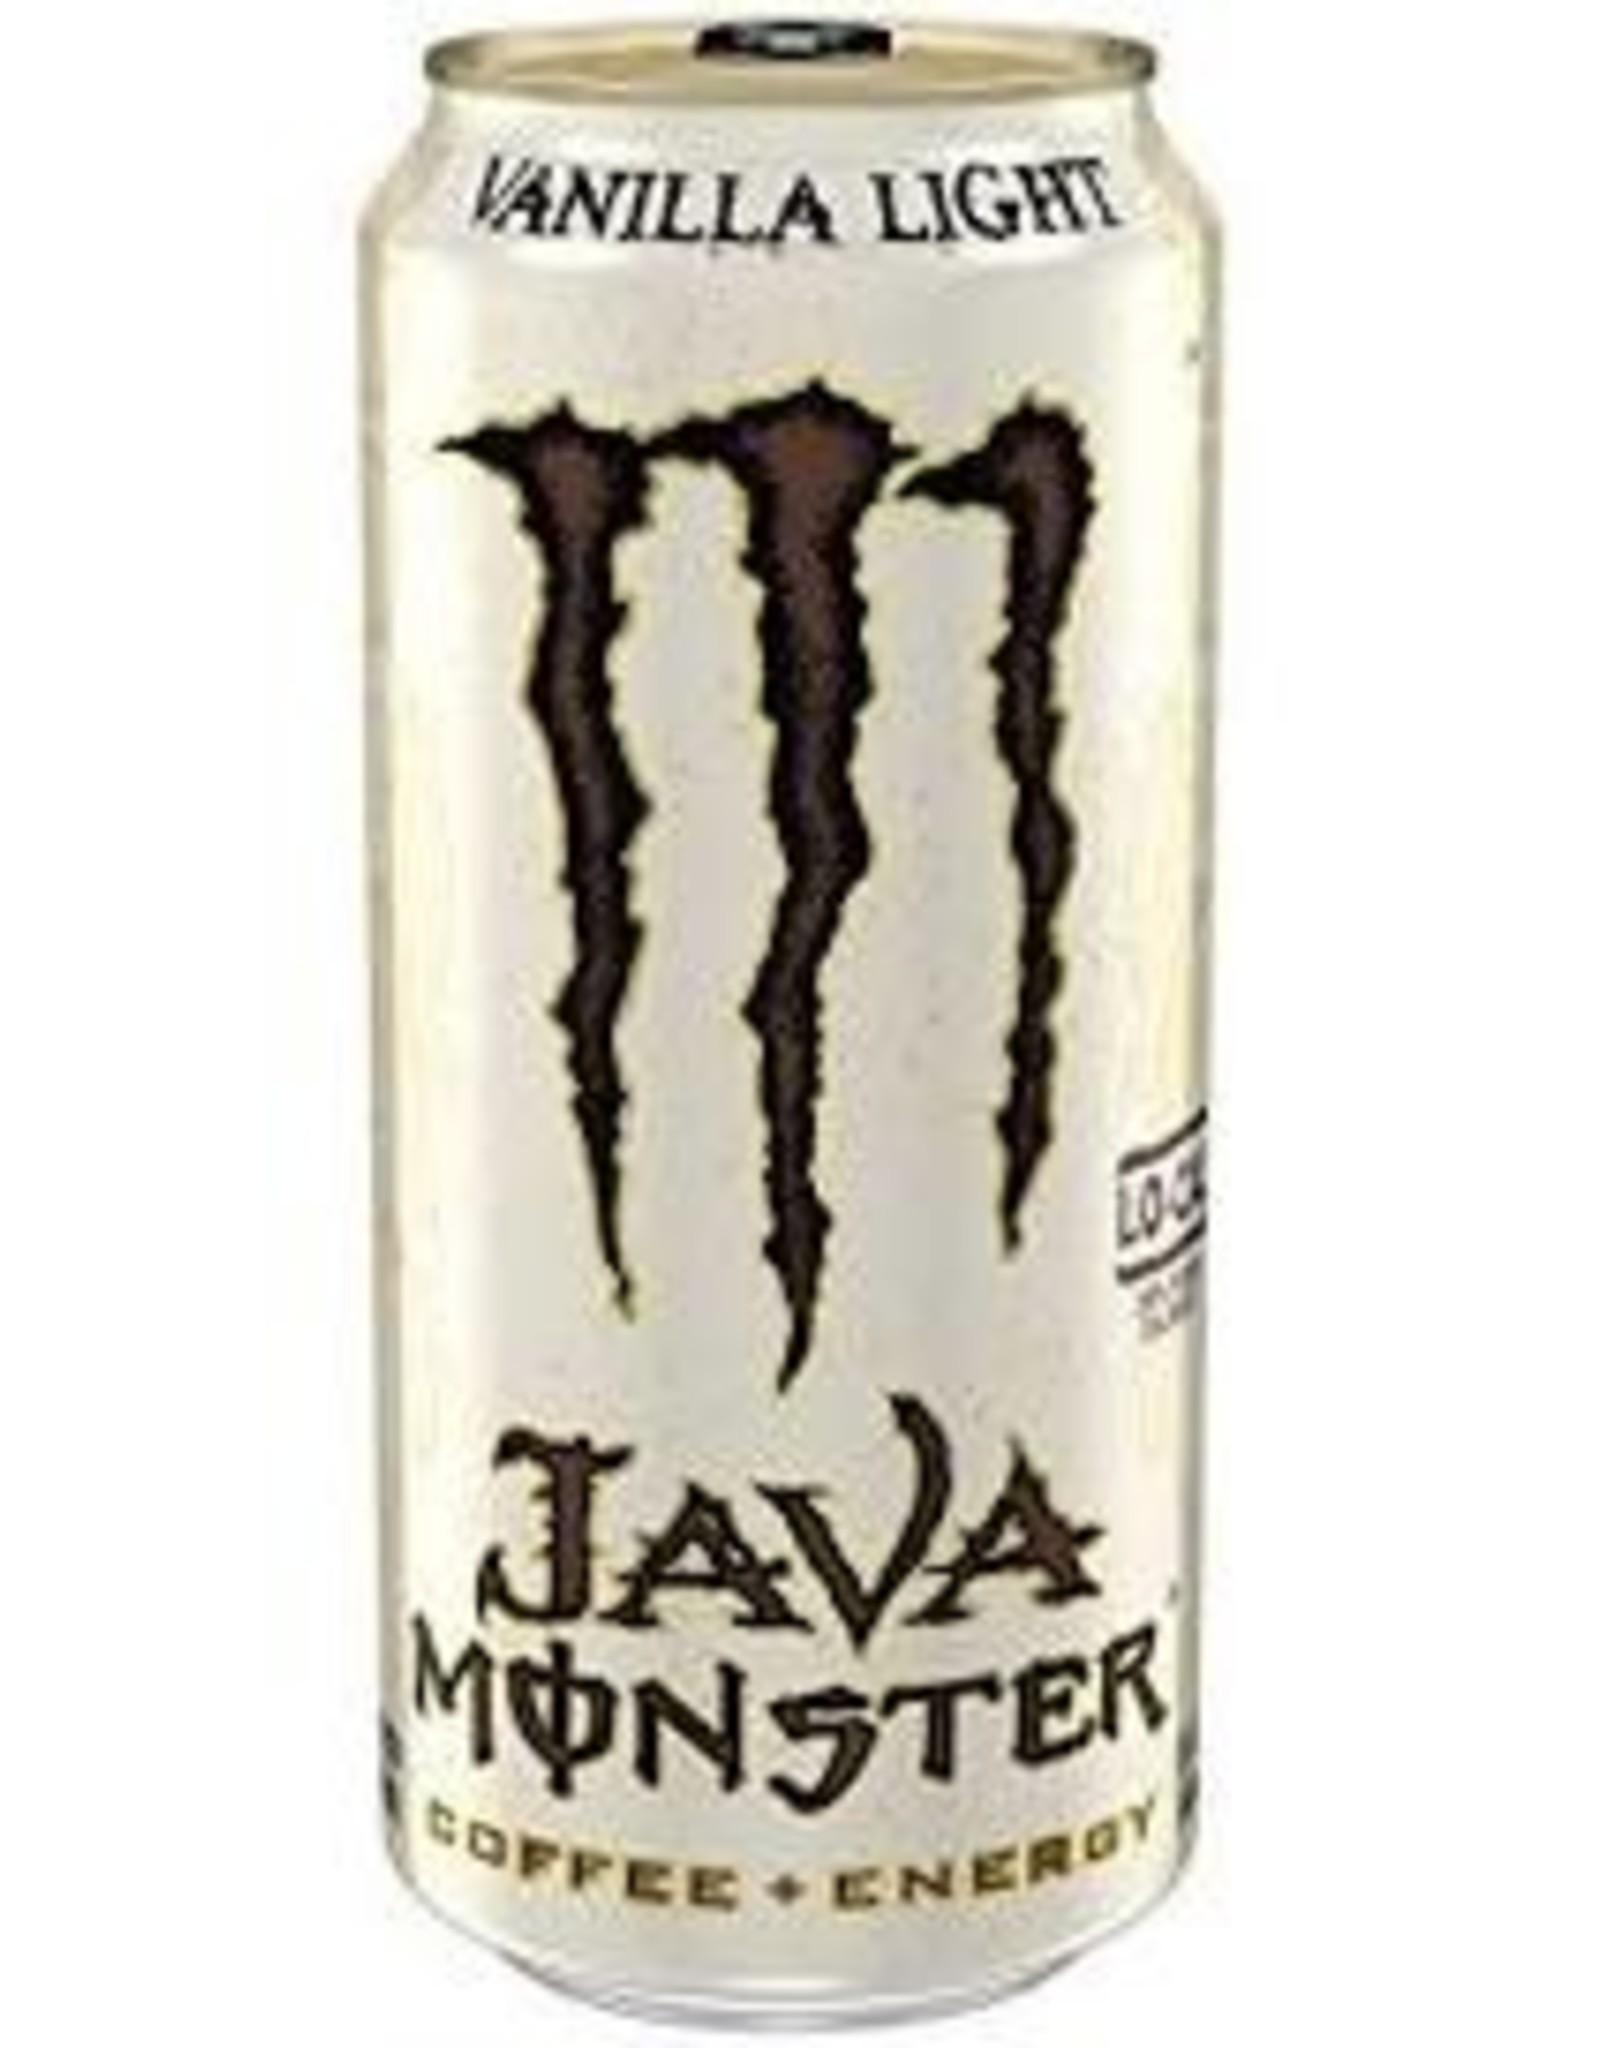 Monster Java Vanilla Light